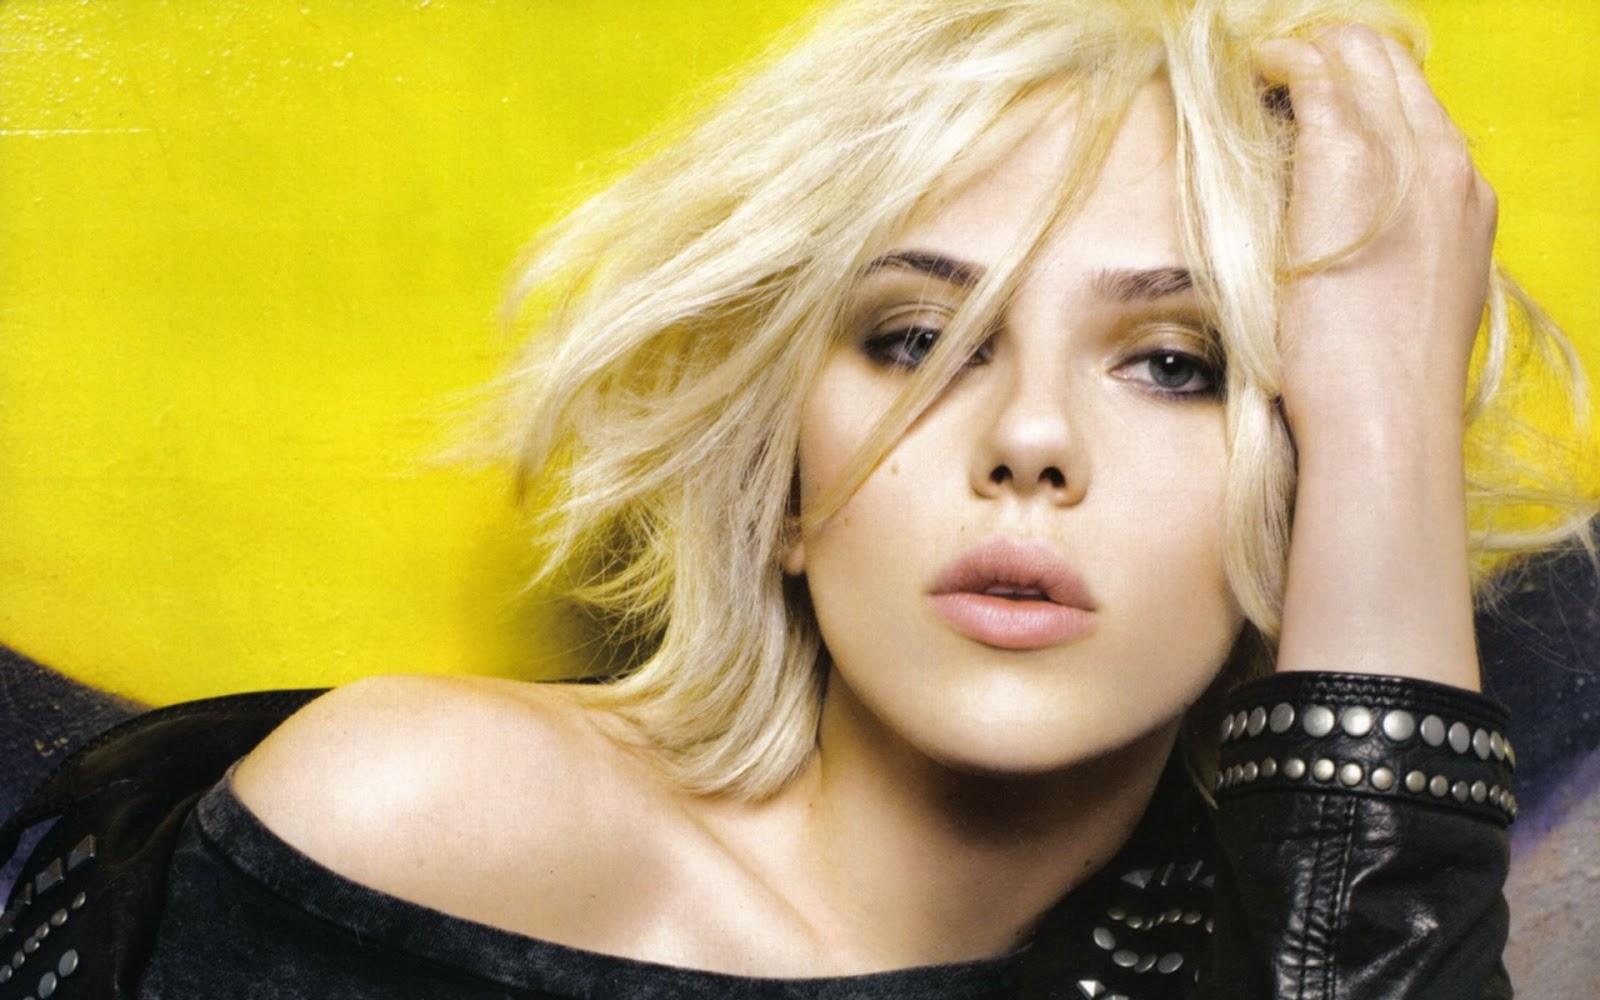 Like Every Body: Scarlett Johansson HD Wallpapers 2012